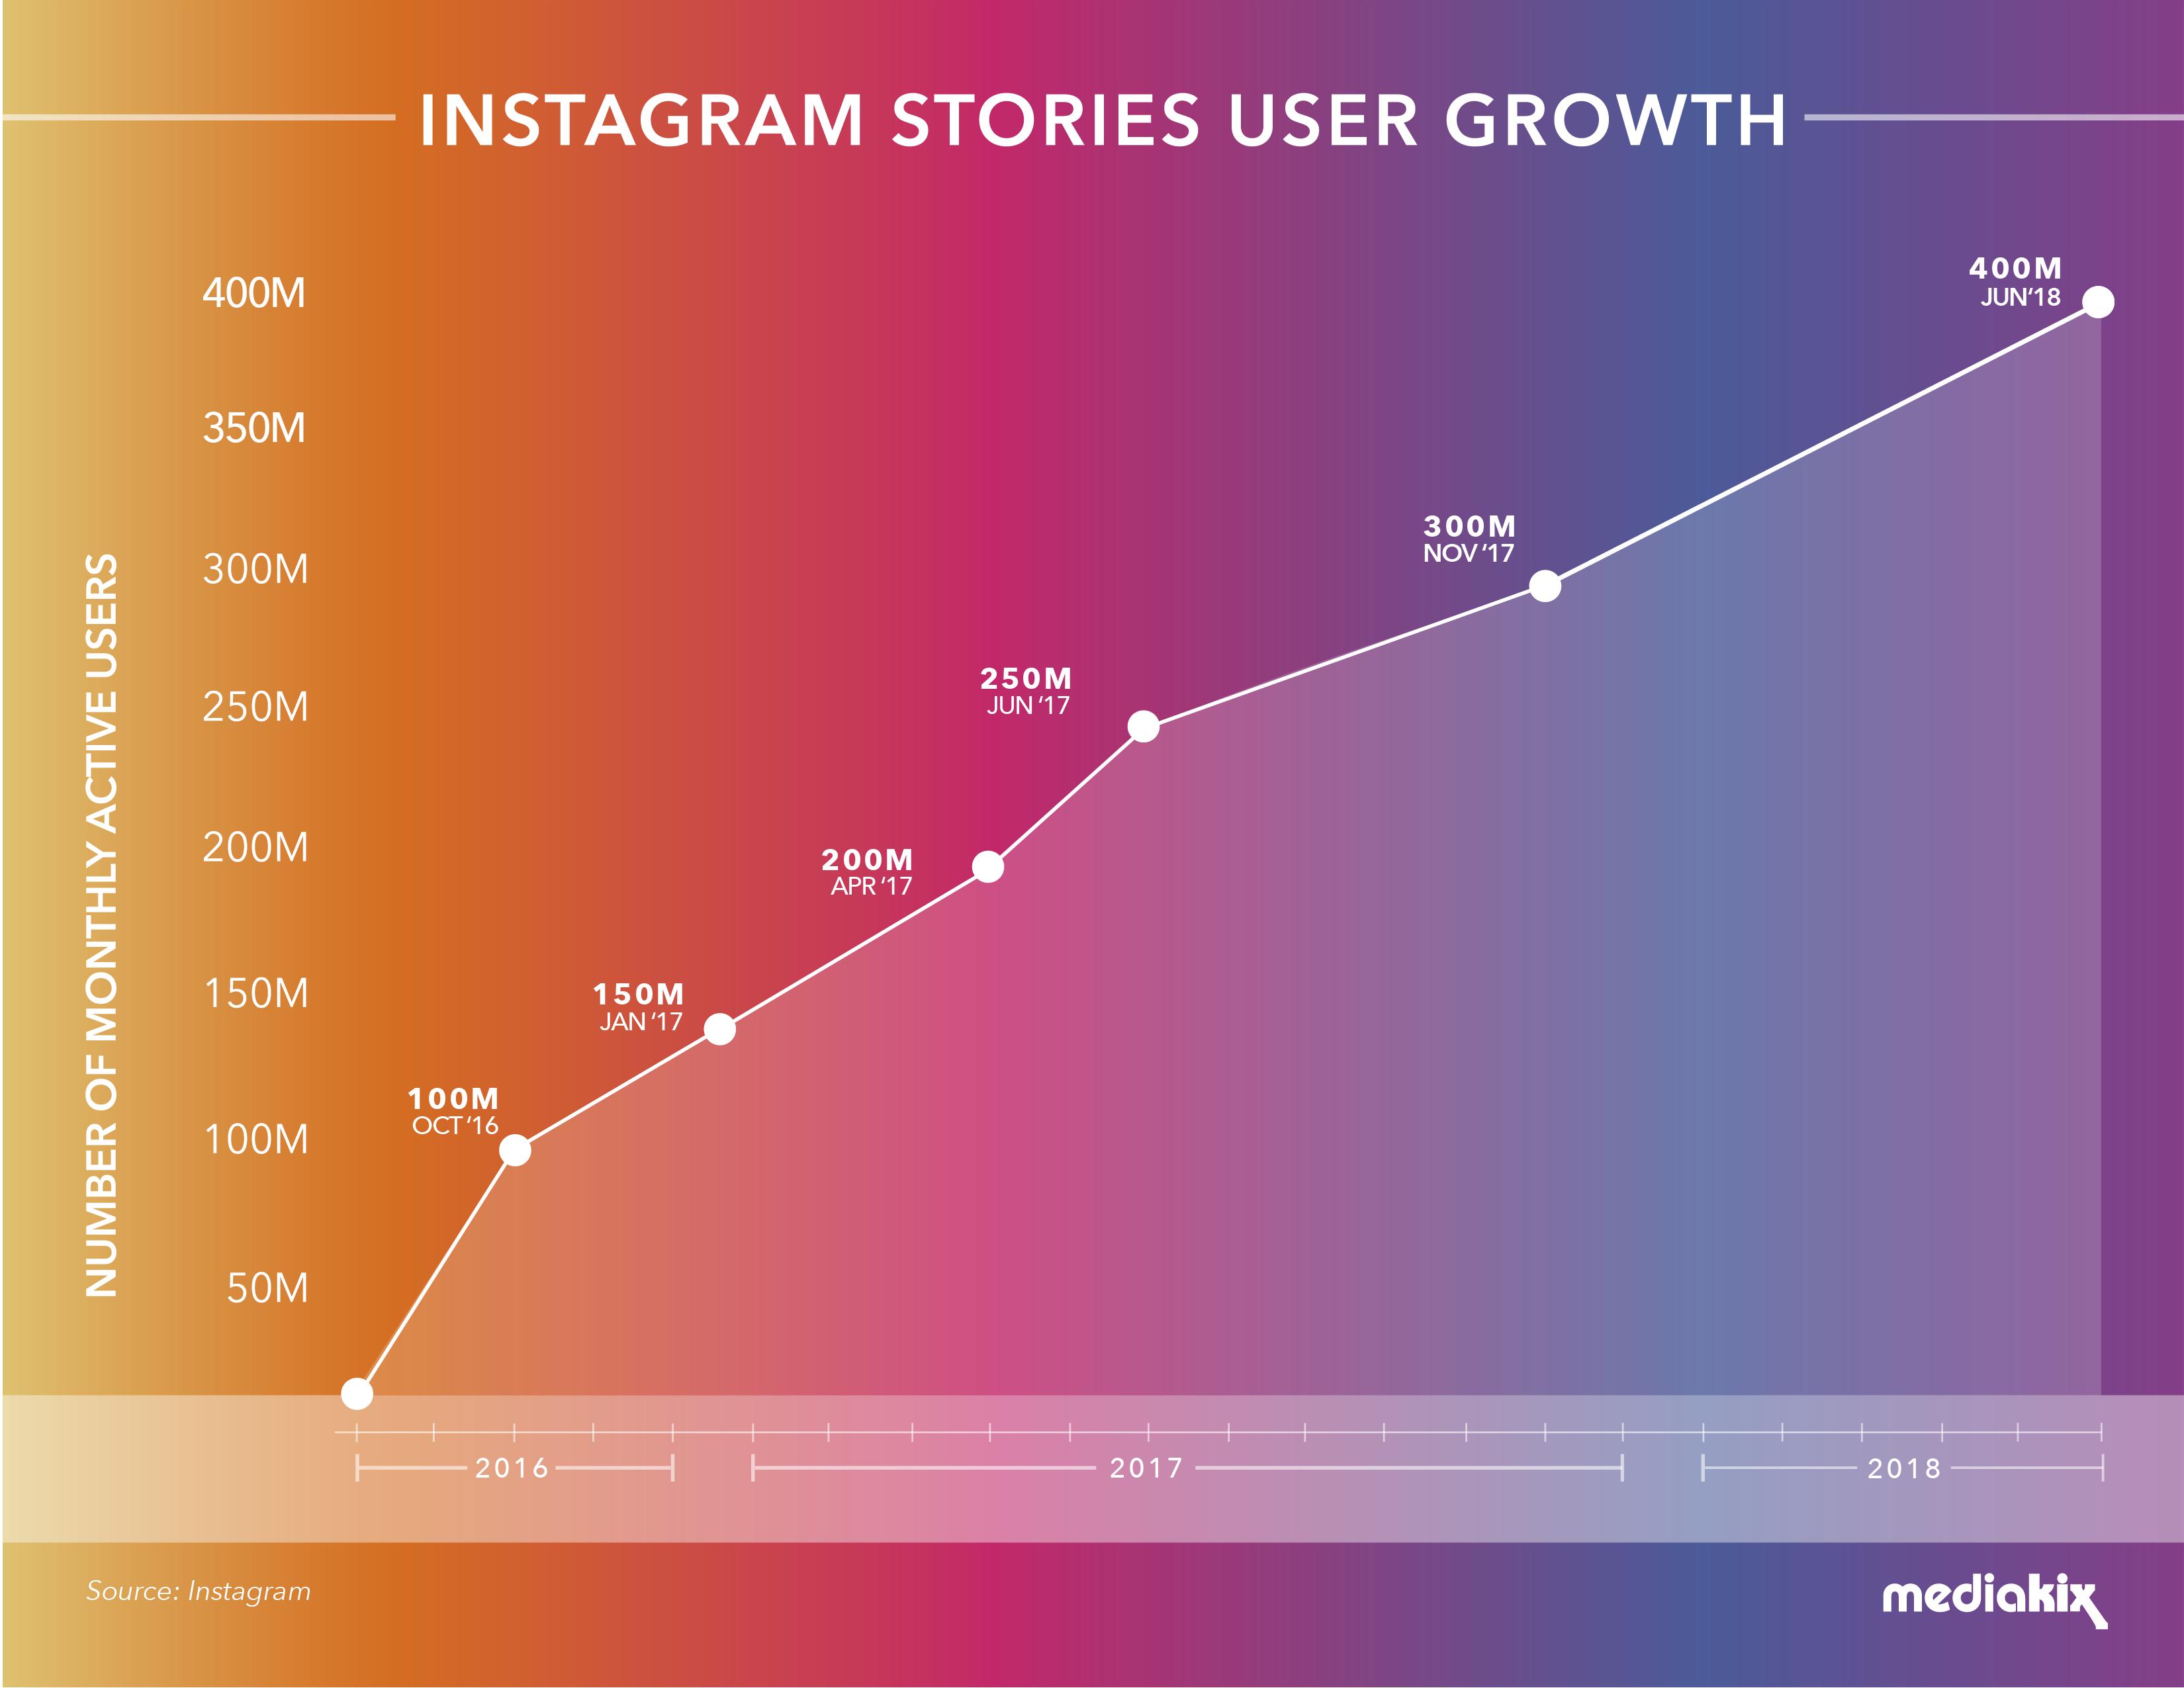 Ini Jumlah Pengguna Instagram Story Perhari,instagram story,hack instagram, cara hack instagram, cara dapat banyak like instagram, cara dapat banyak followers instagram, cara mudah dapat banyak like instagram, instagram